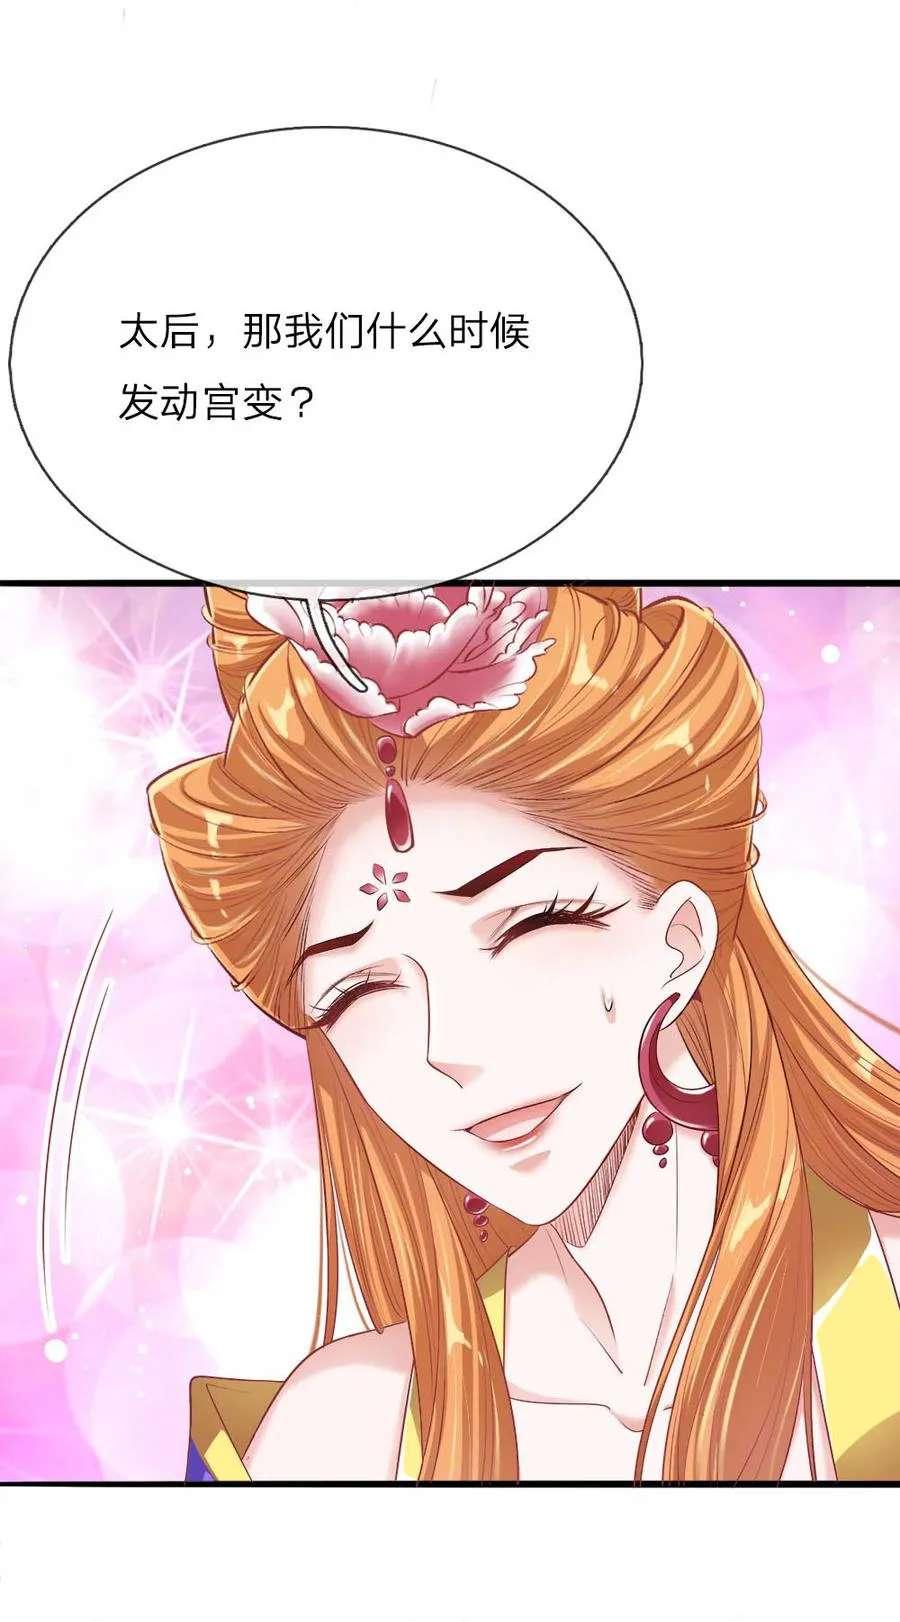 温柔暴君:摄政王爷太凶猛第17话  第17话 后母们的茶会 第 6